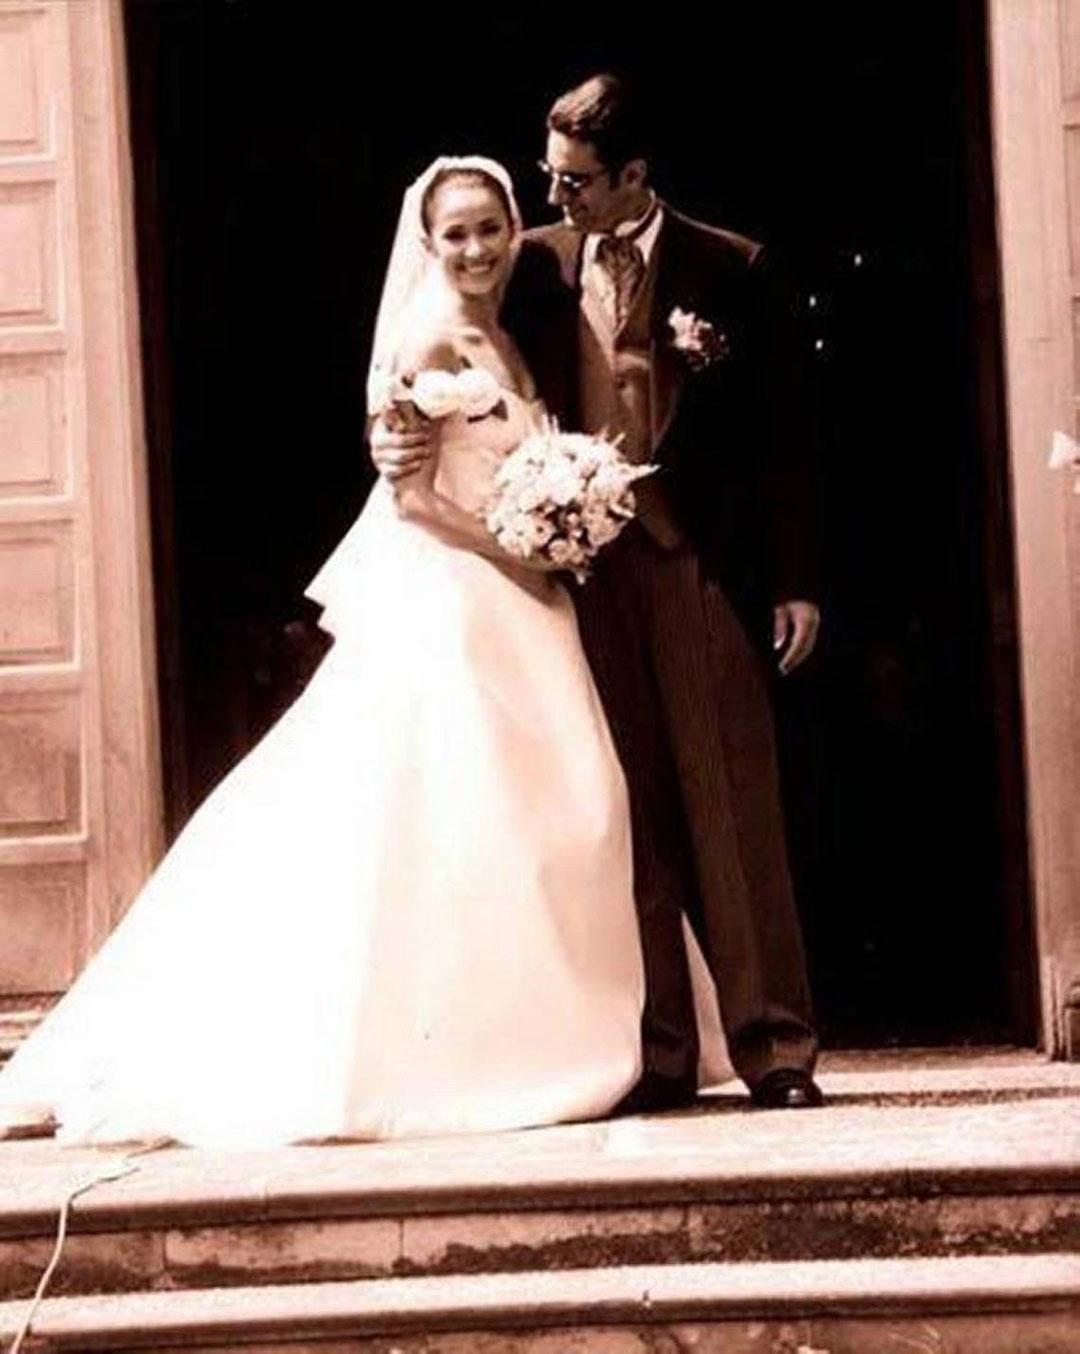 Miguel Varoni y Chatherine Siachoque el día de su boda.